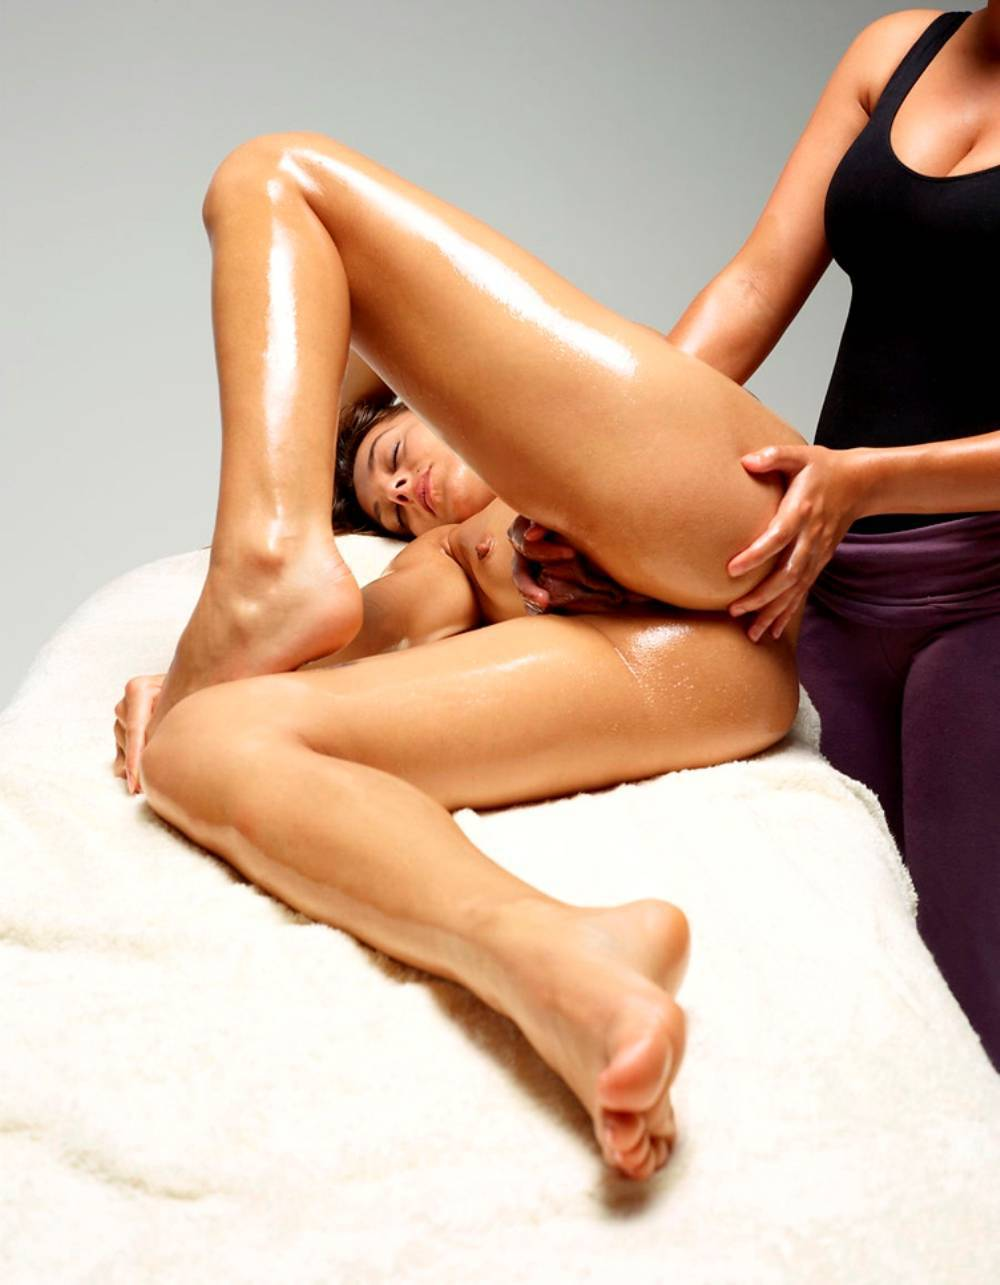 Эротический масаж лесбиянке 16 фотография